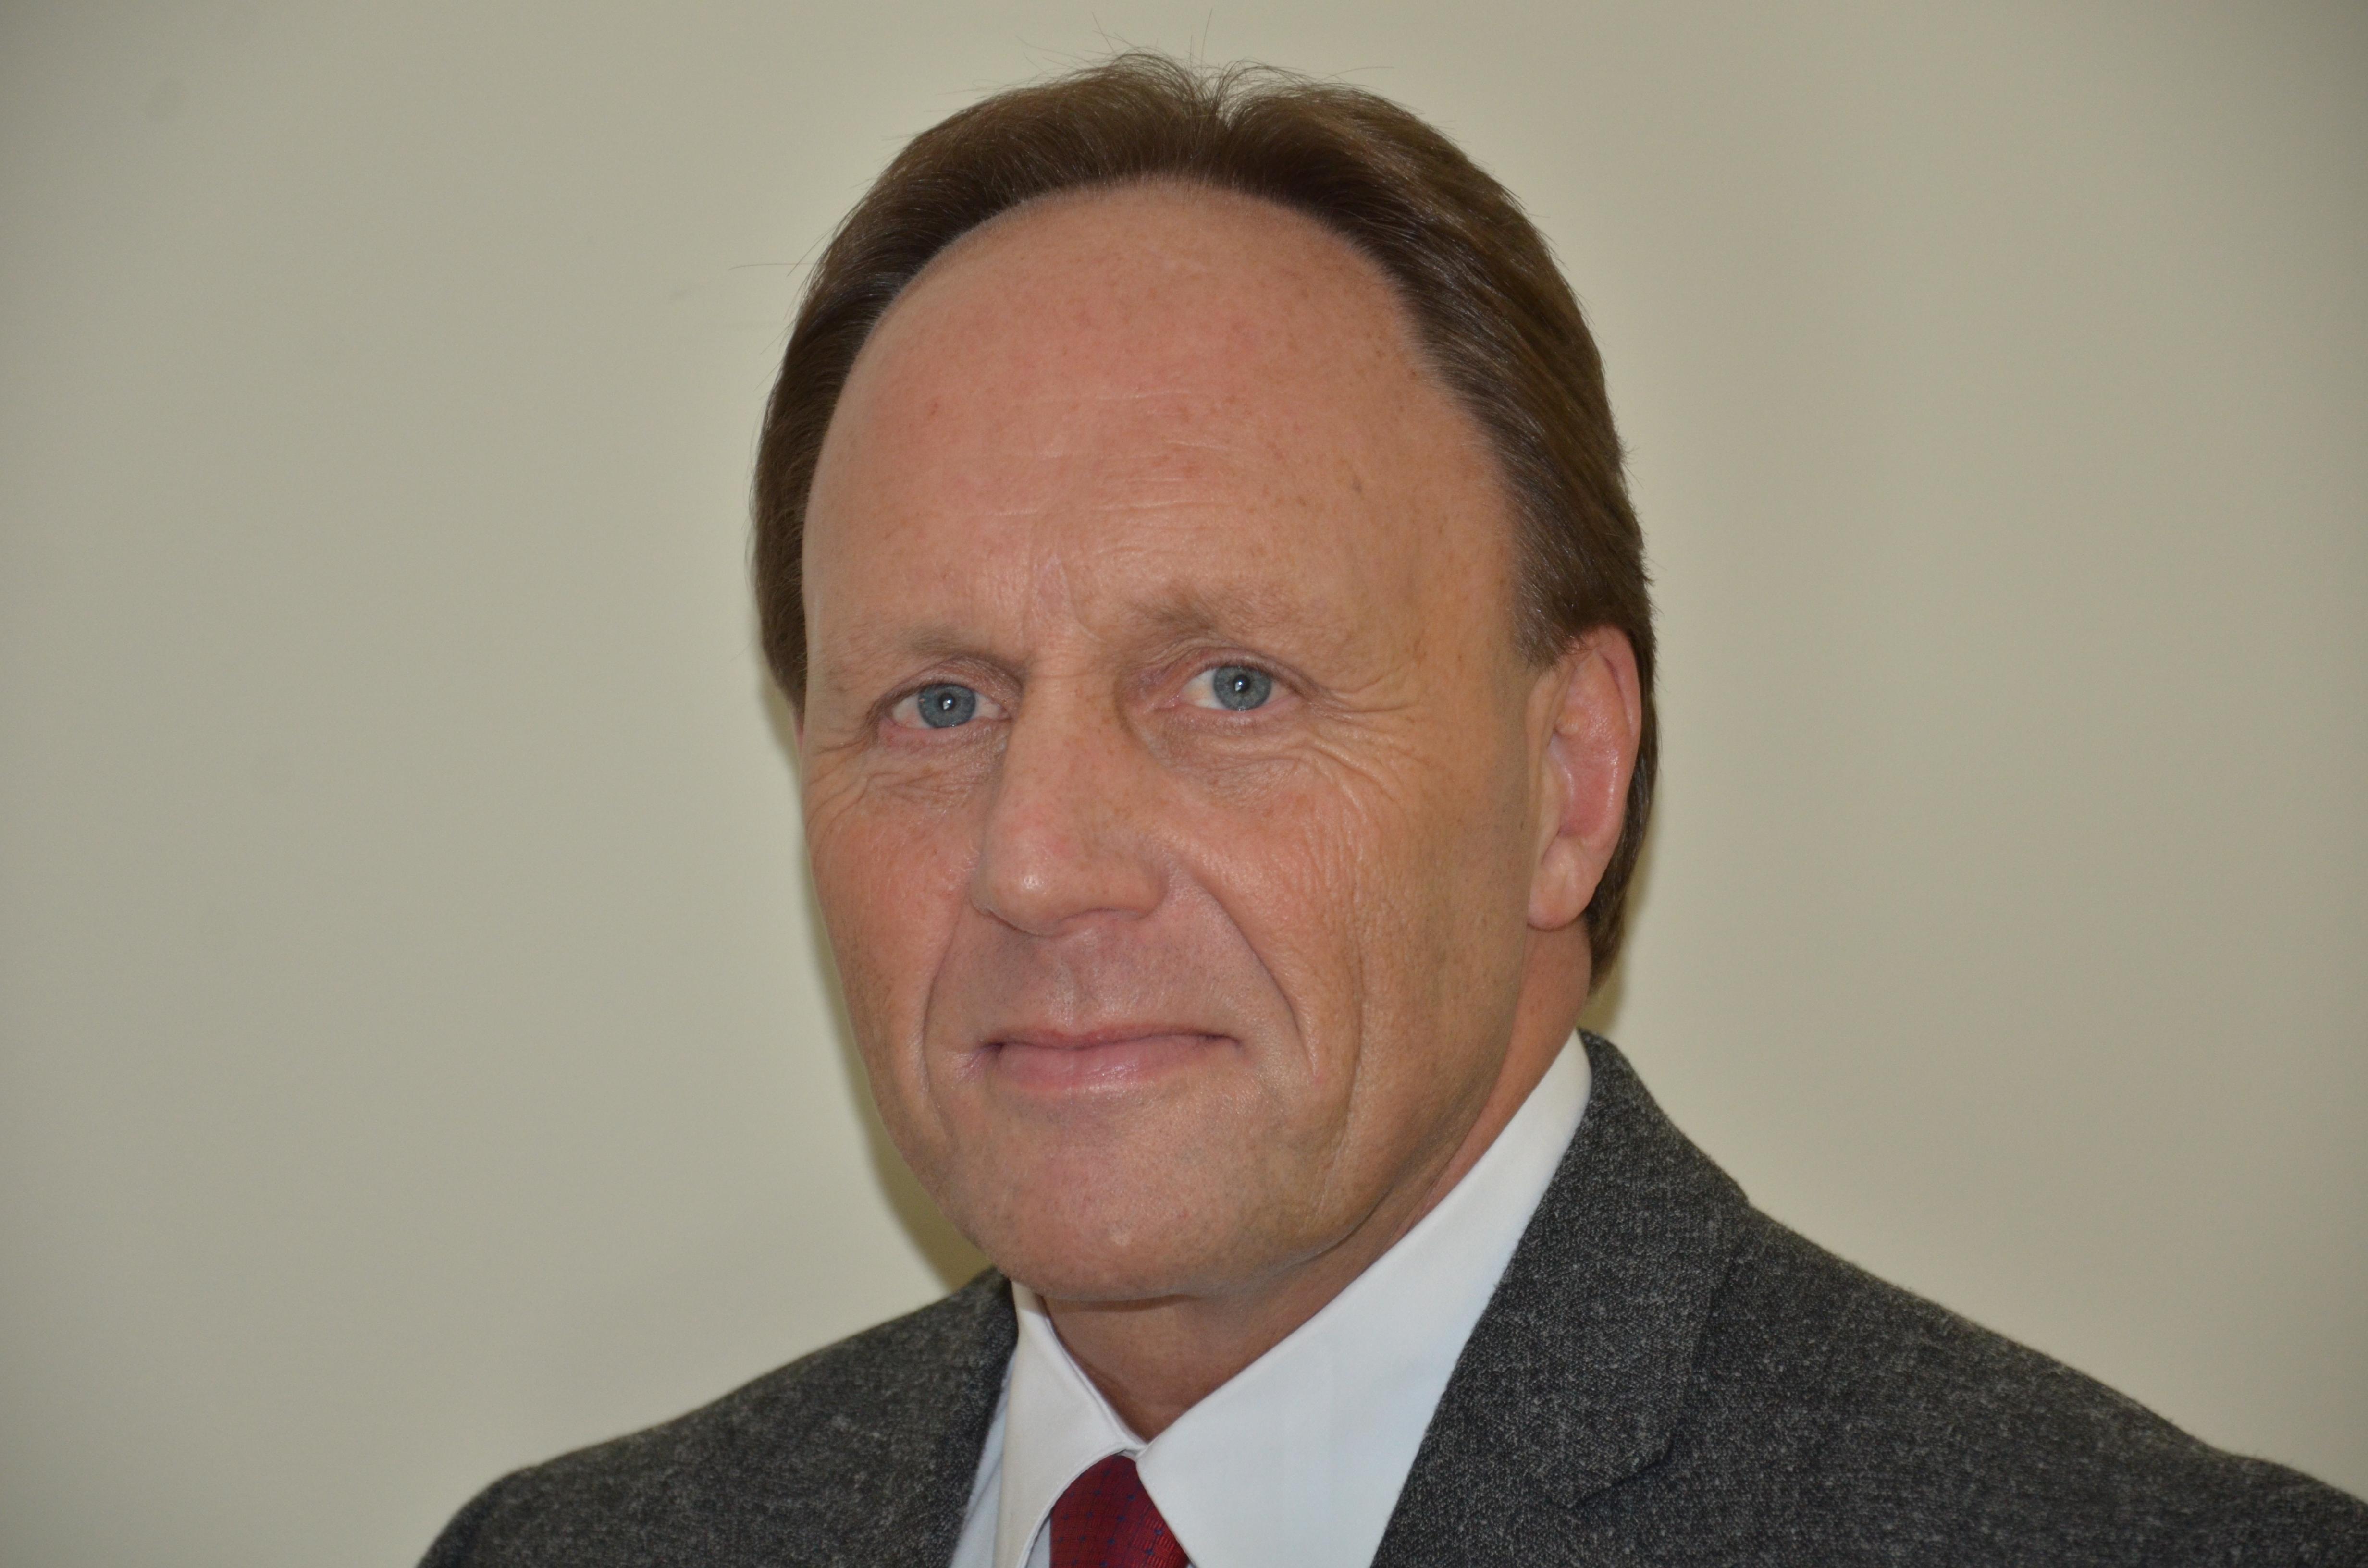 Michael Gowder